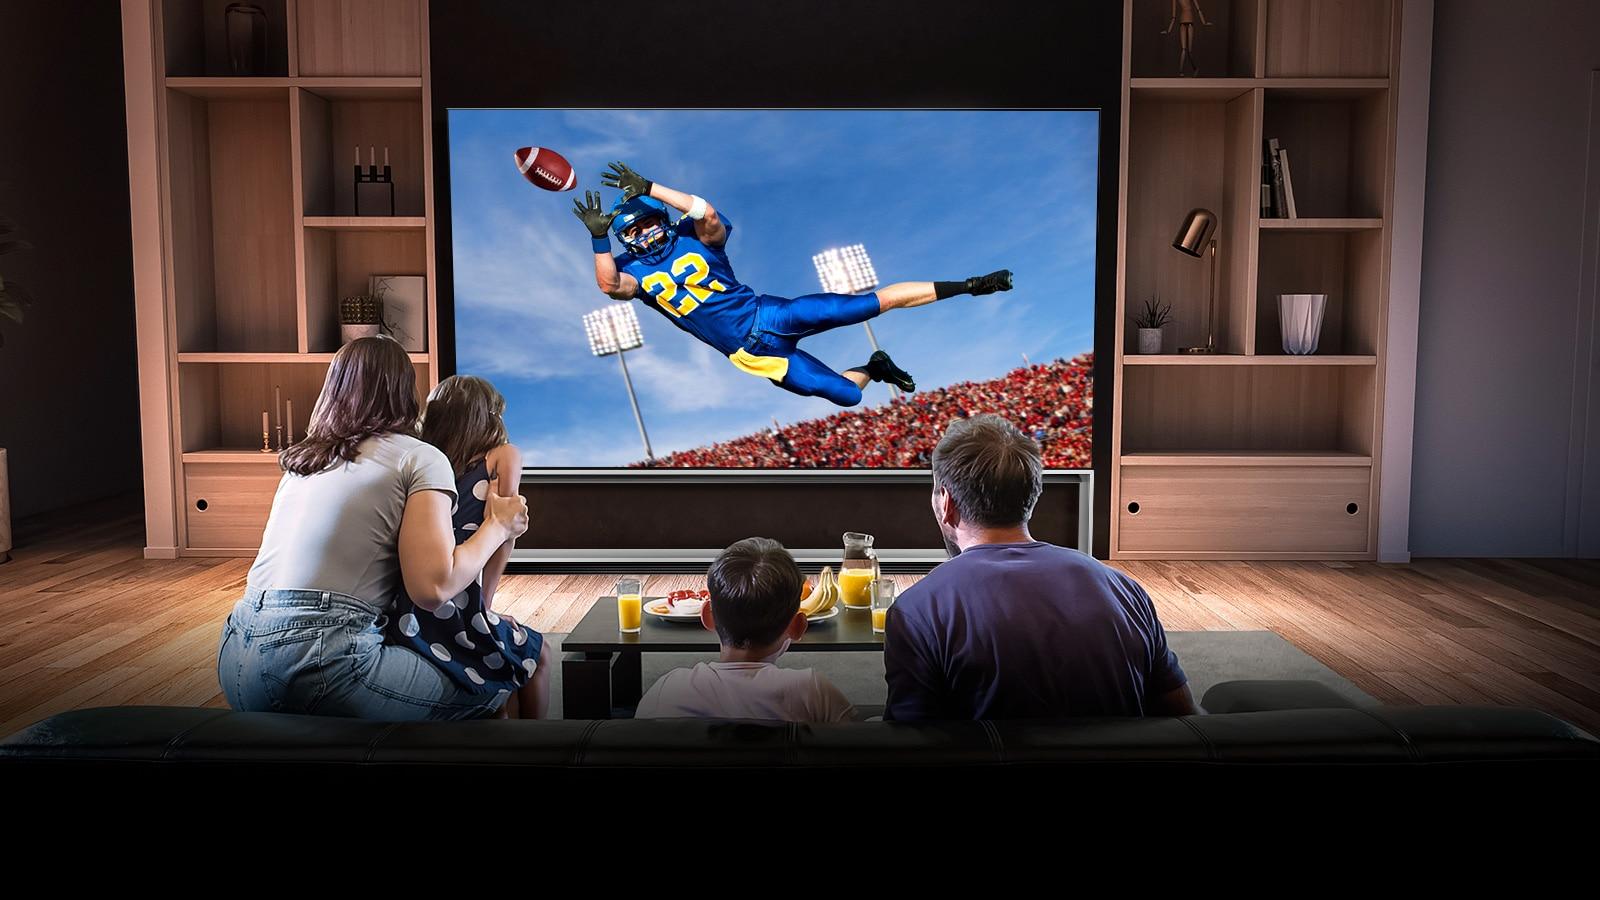 أشخاص يشاهدون مباراة توتنهام على التلفزيون في غرفة المعيشة